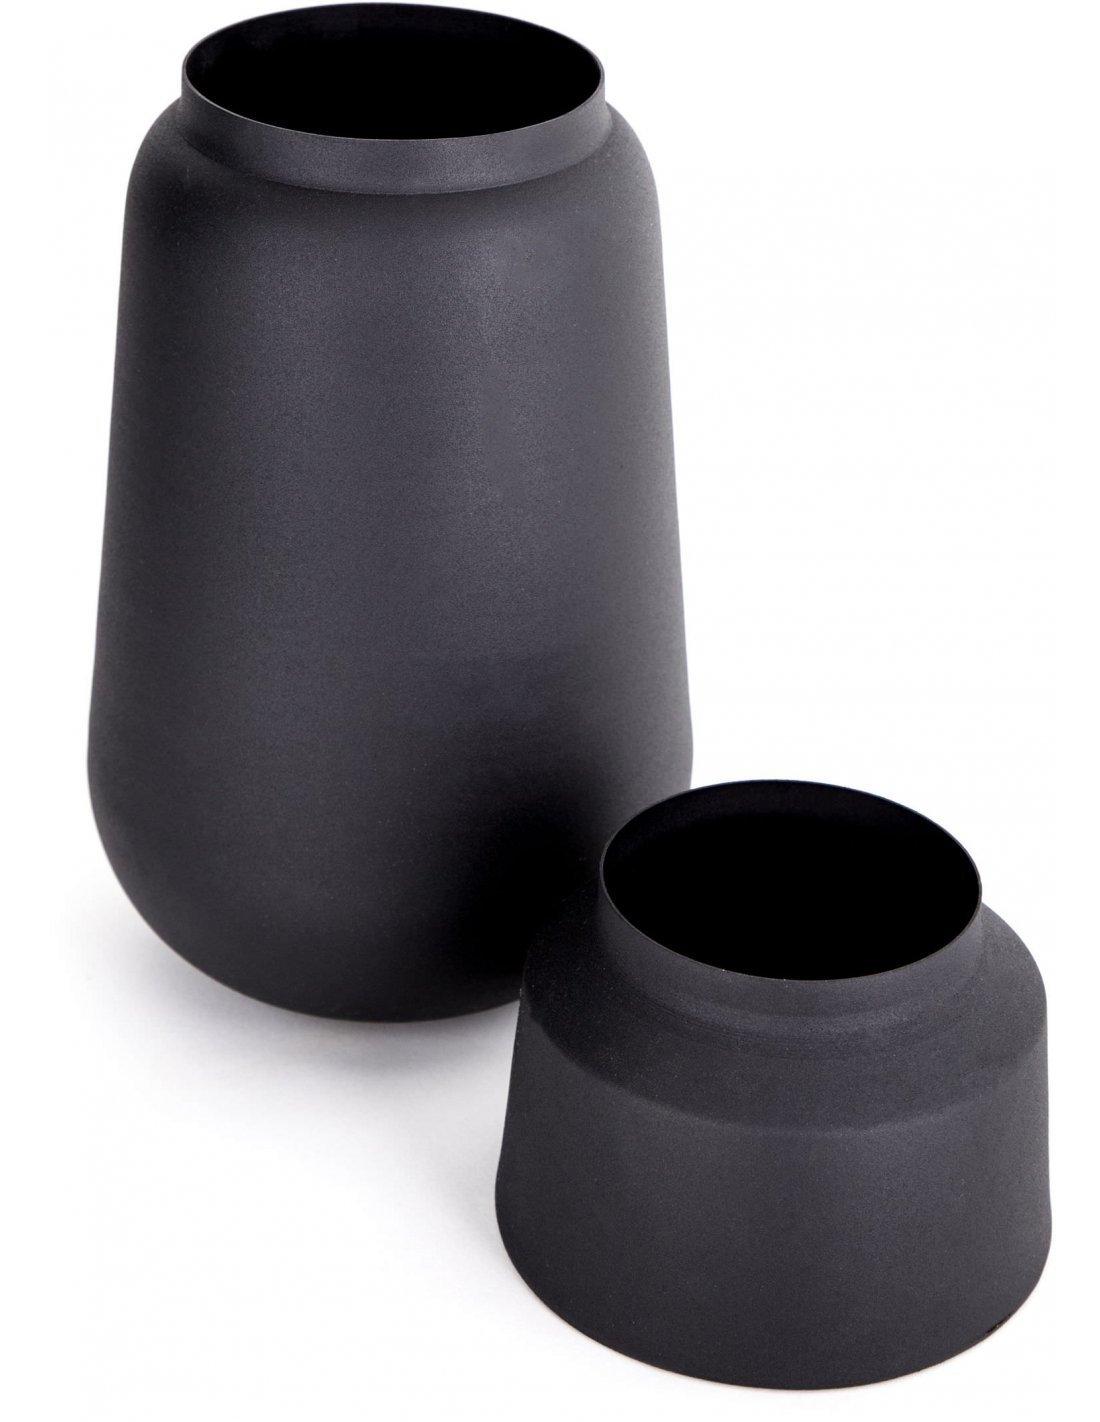 /Étag/ère en Fer Noir Vase en Verre Fleur Ornements Plante Fleur Vase en Fer Simple Divers Home Office Vases /Él/égant D/écor De La Chambre